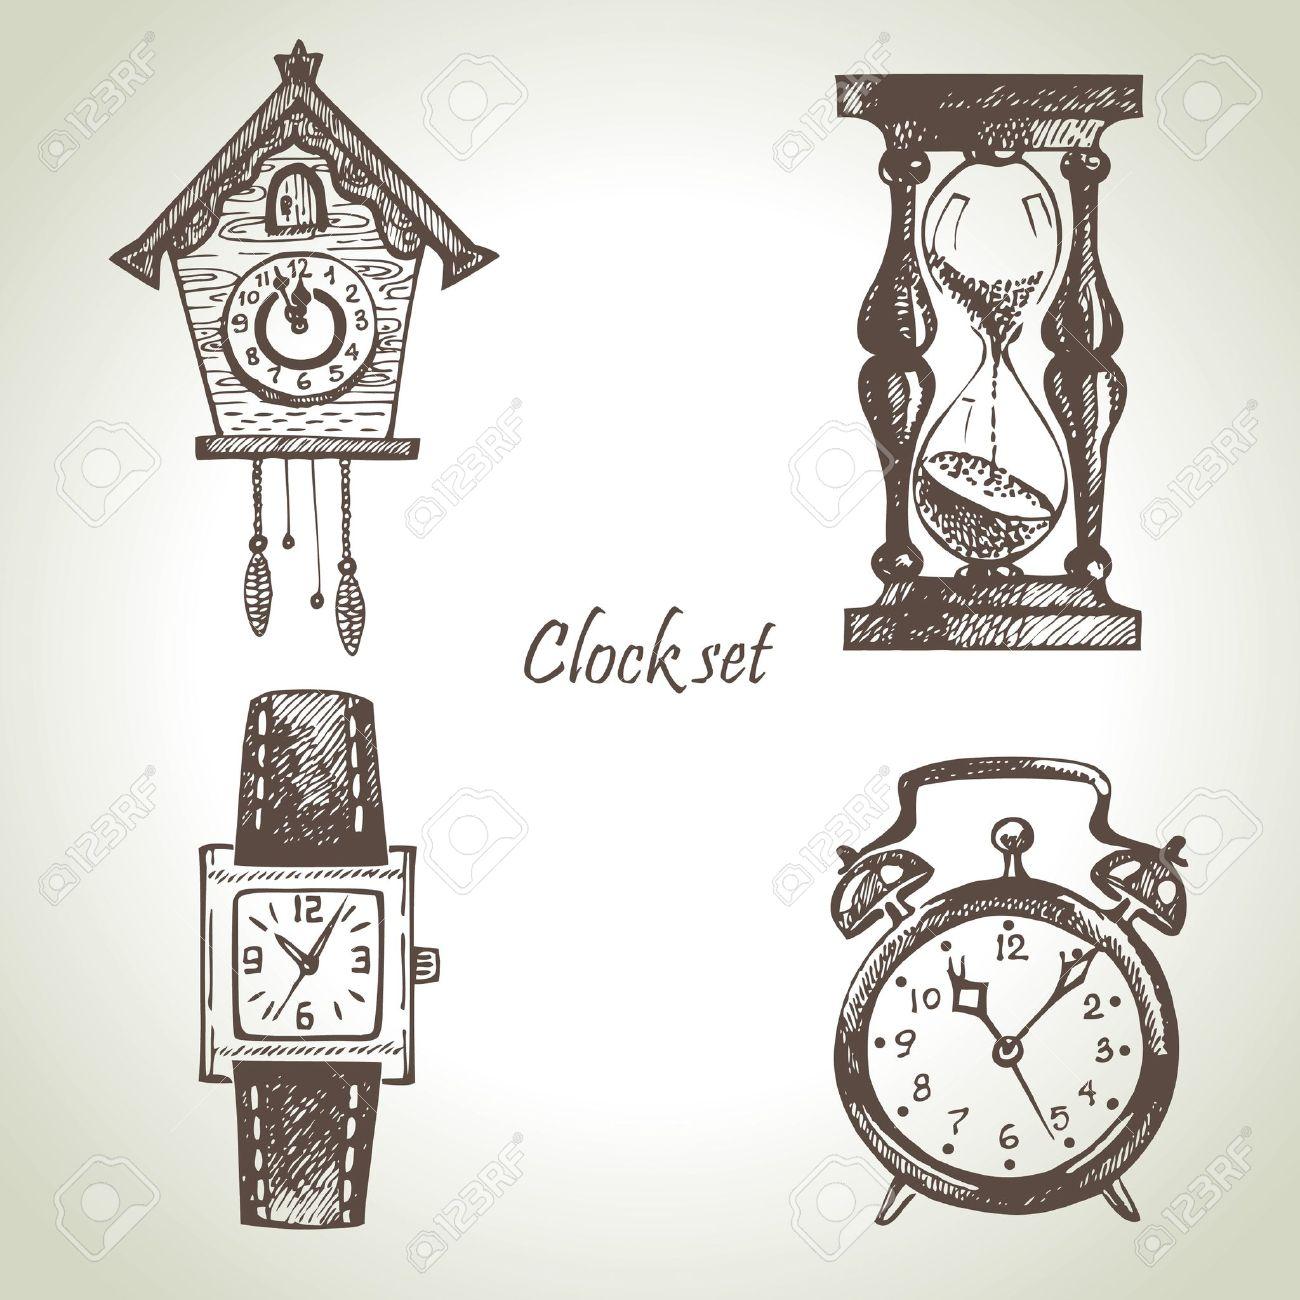 Sanduhr gezeichnet  Hand Gezeichnet Set Von Uhren Lizenzfrei Nutzbare Vektorgrafiken ...